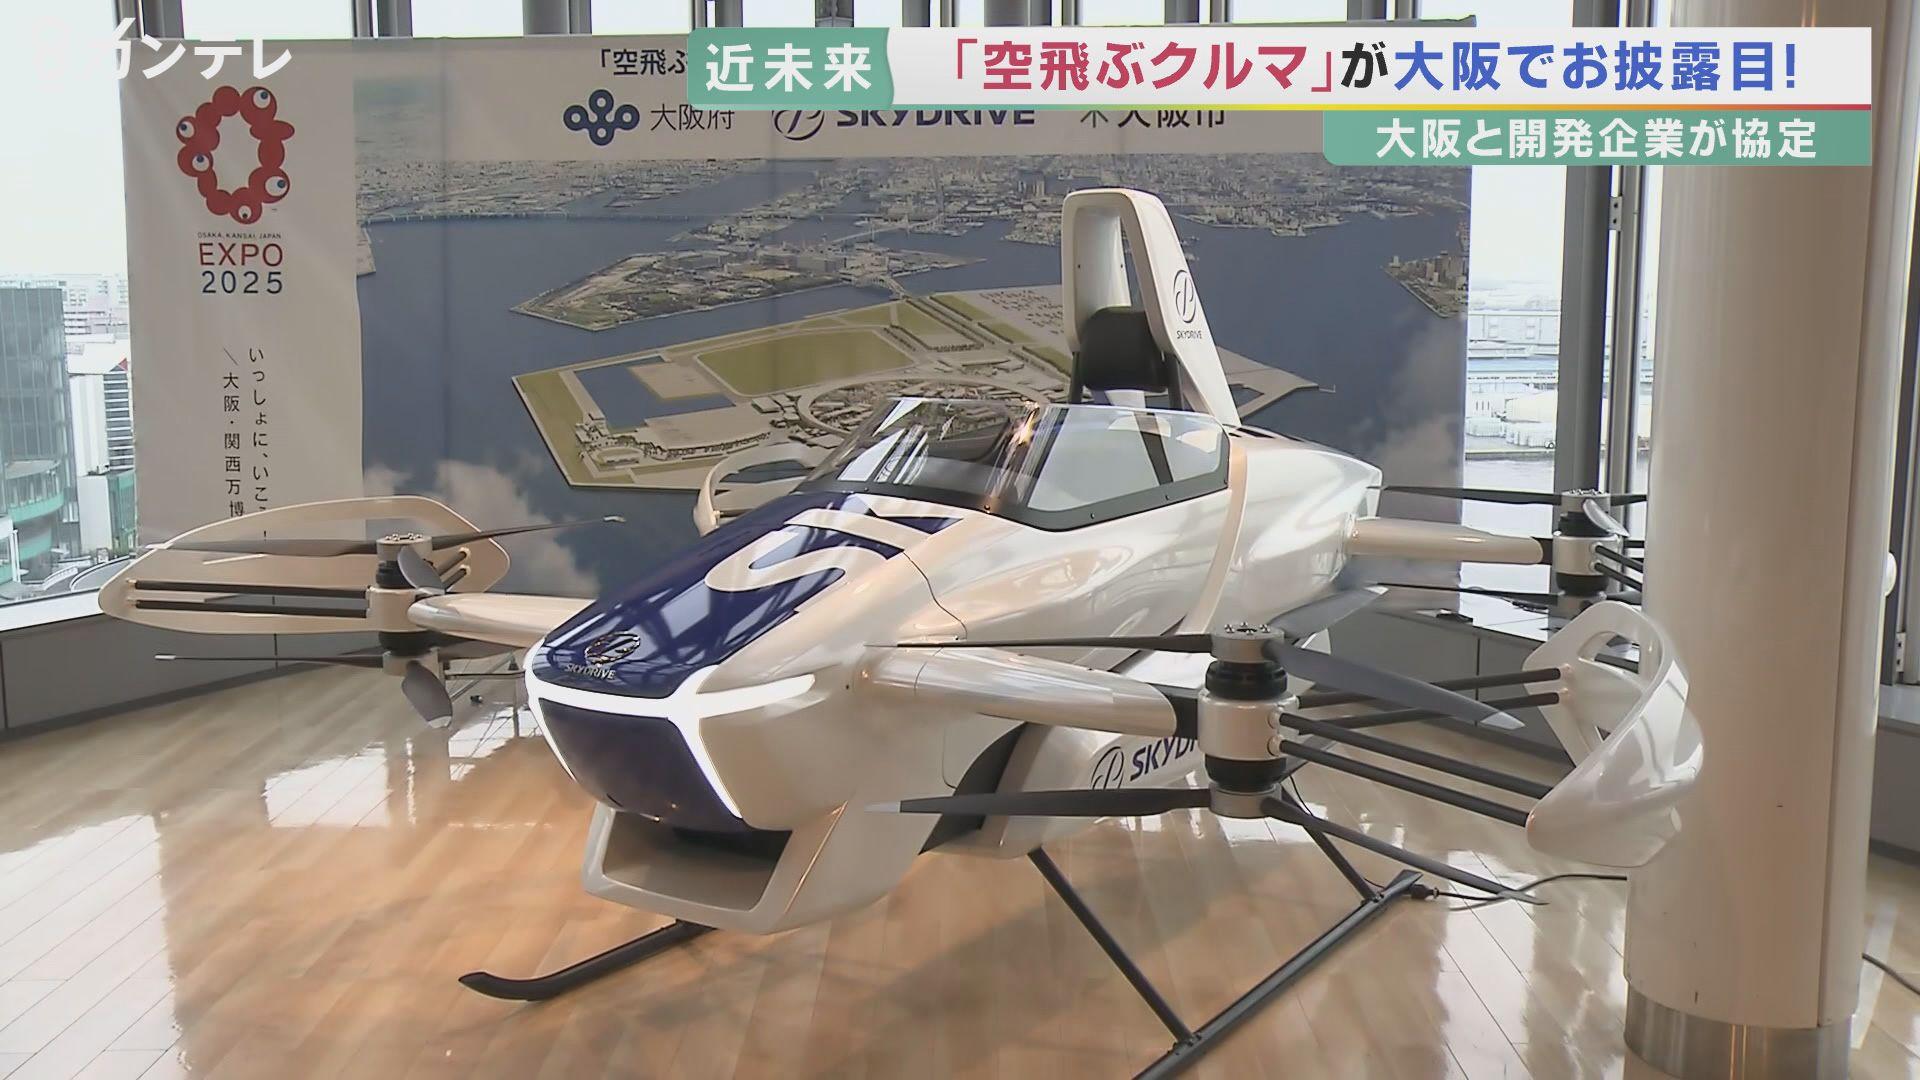 「空飛ぶクルマ」万博で「エアタクシー」に? 開発企業が大阪府市と連携協定…世界では厳しい開発競争